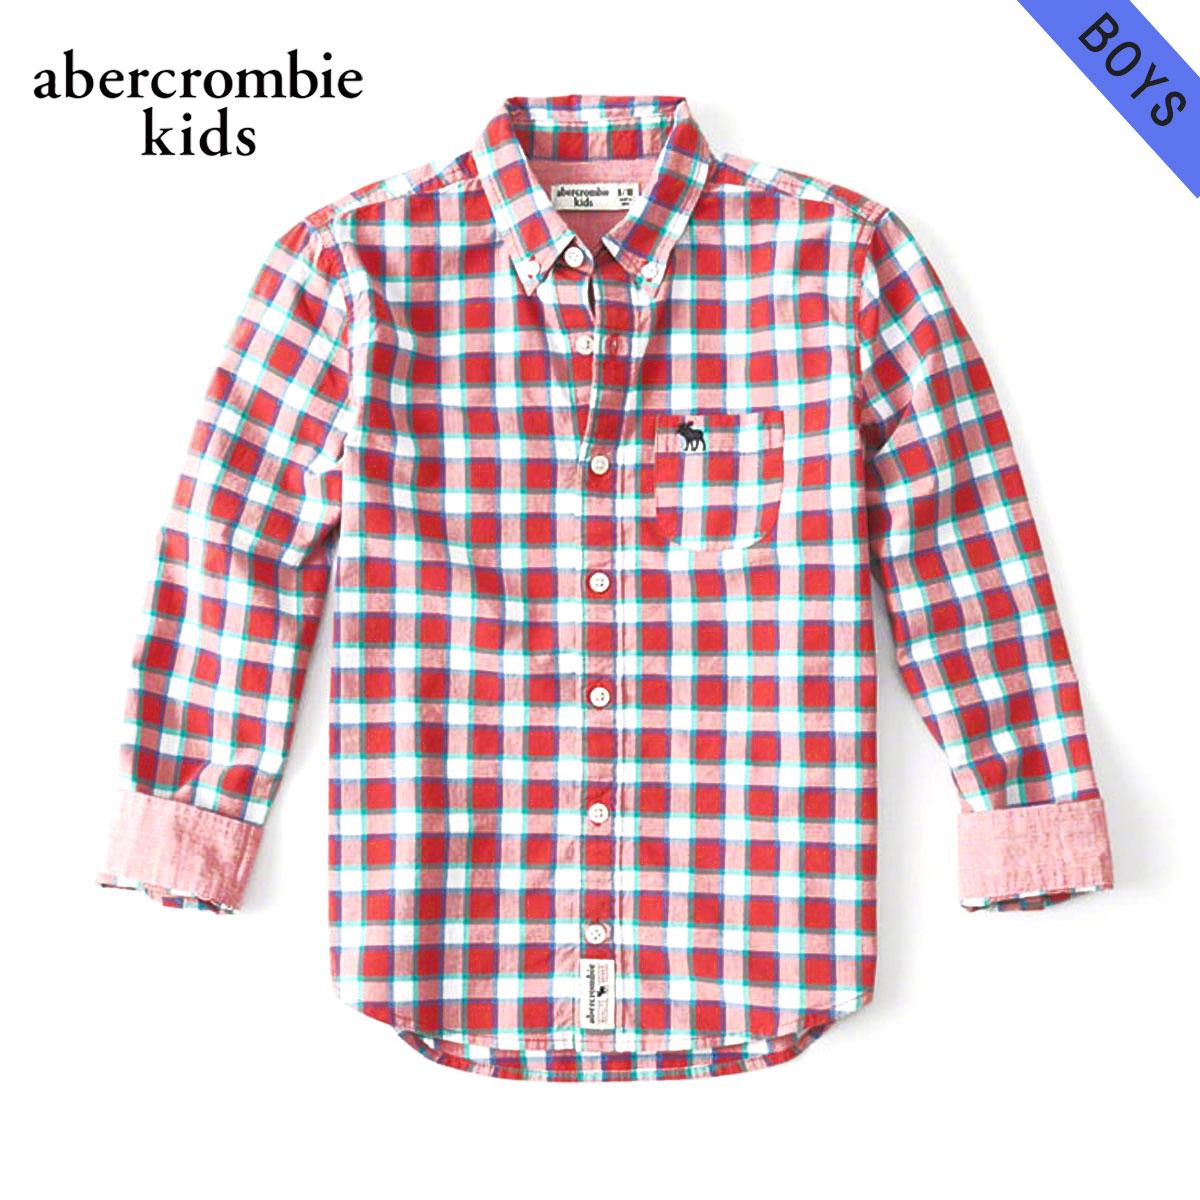 アバクロキッズ AbercrombieKids 正規品 子供服 ボーイズ 長袖シャツ long sleeve poplin shirt 225-680-0747-050